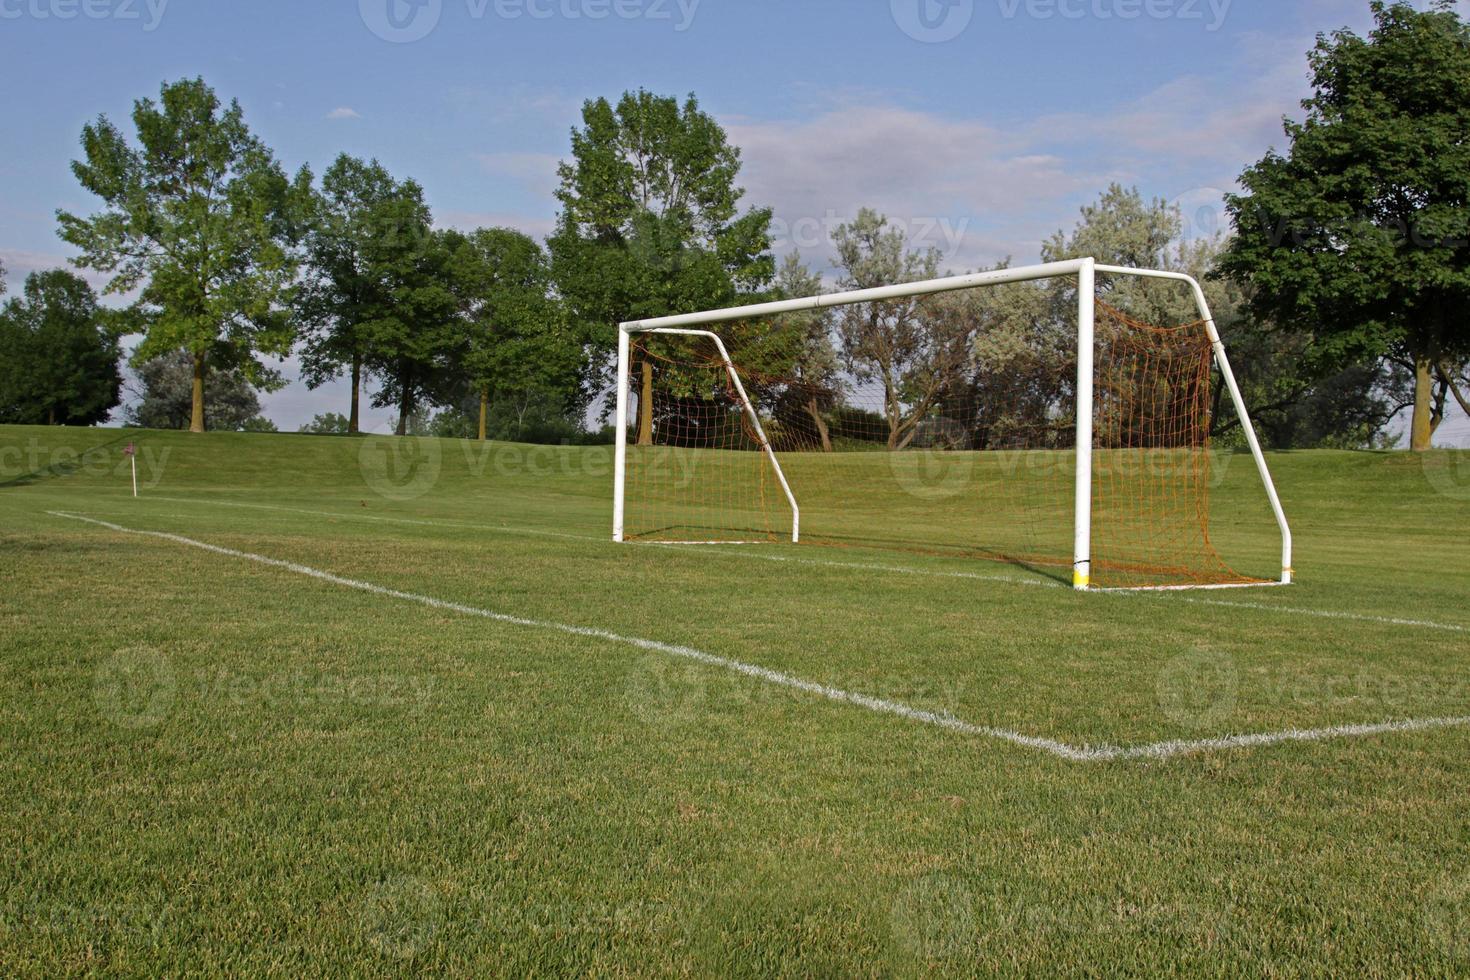 ett tomt fotbollsmål på ett spelplan foto